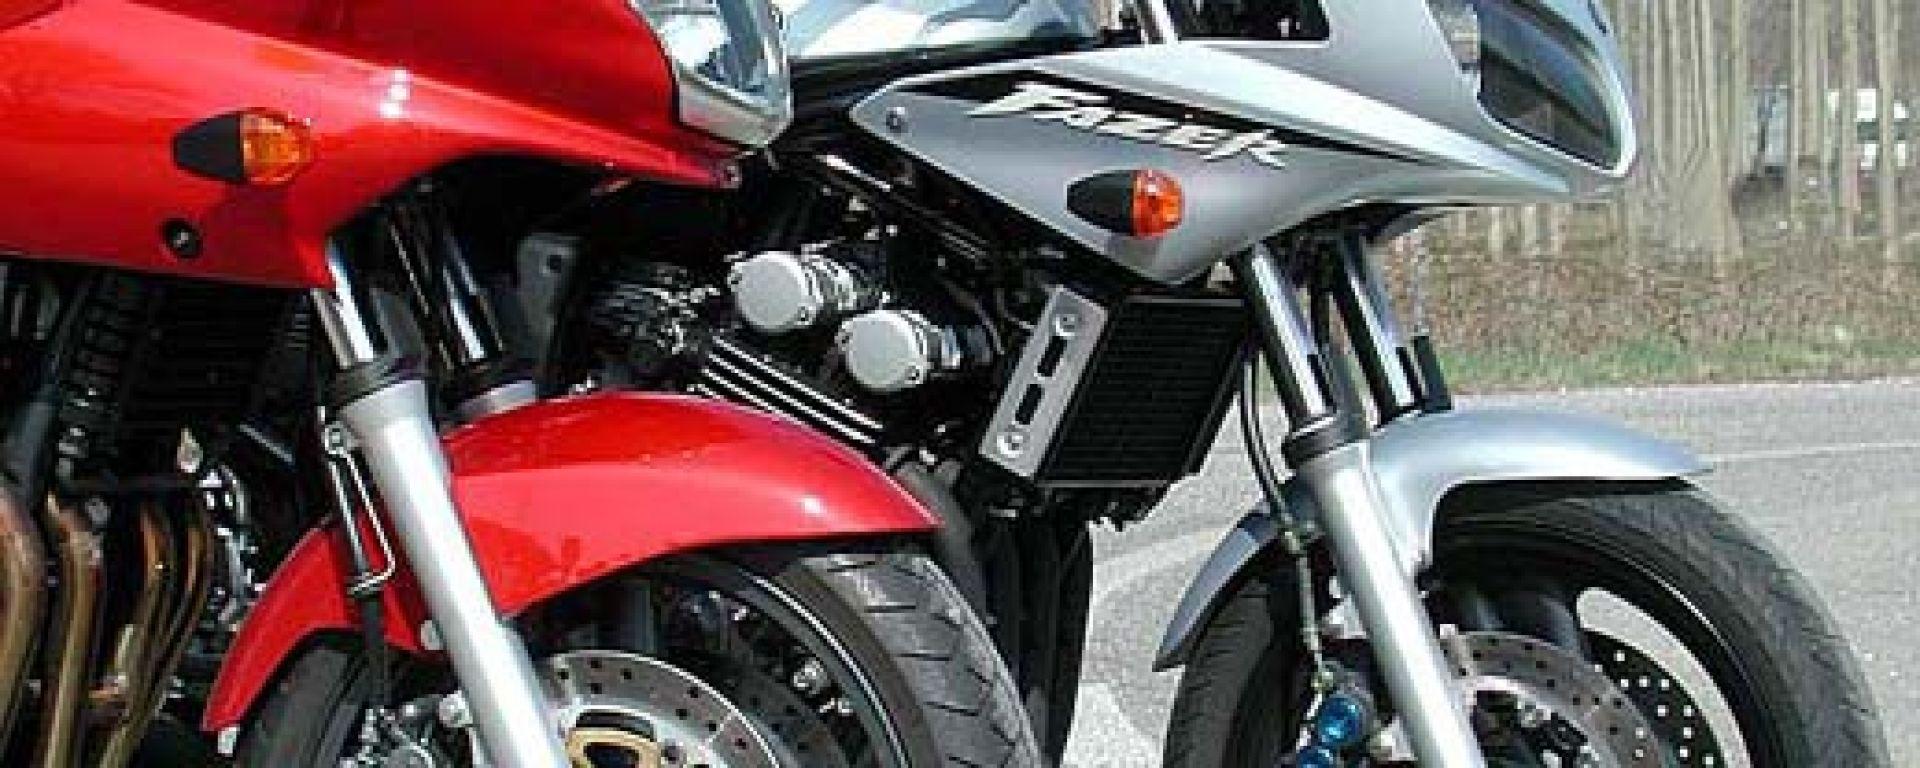 Kawasaki ZR-7S vs Yamaha Fazer 600